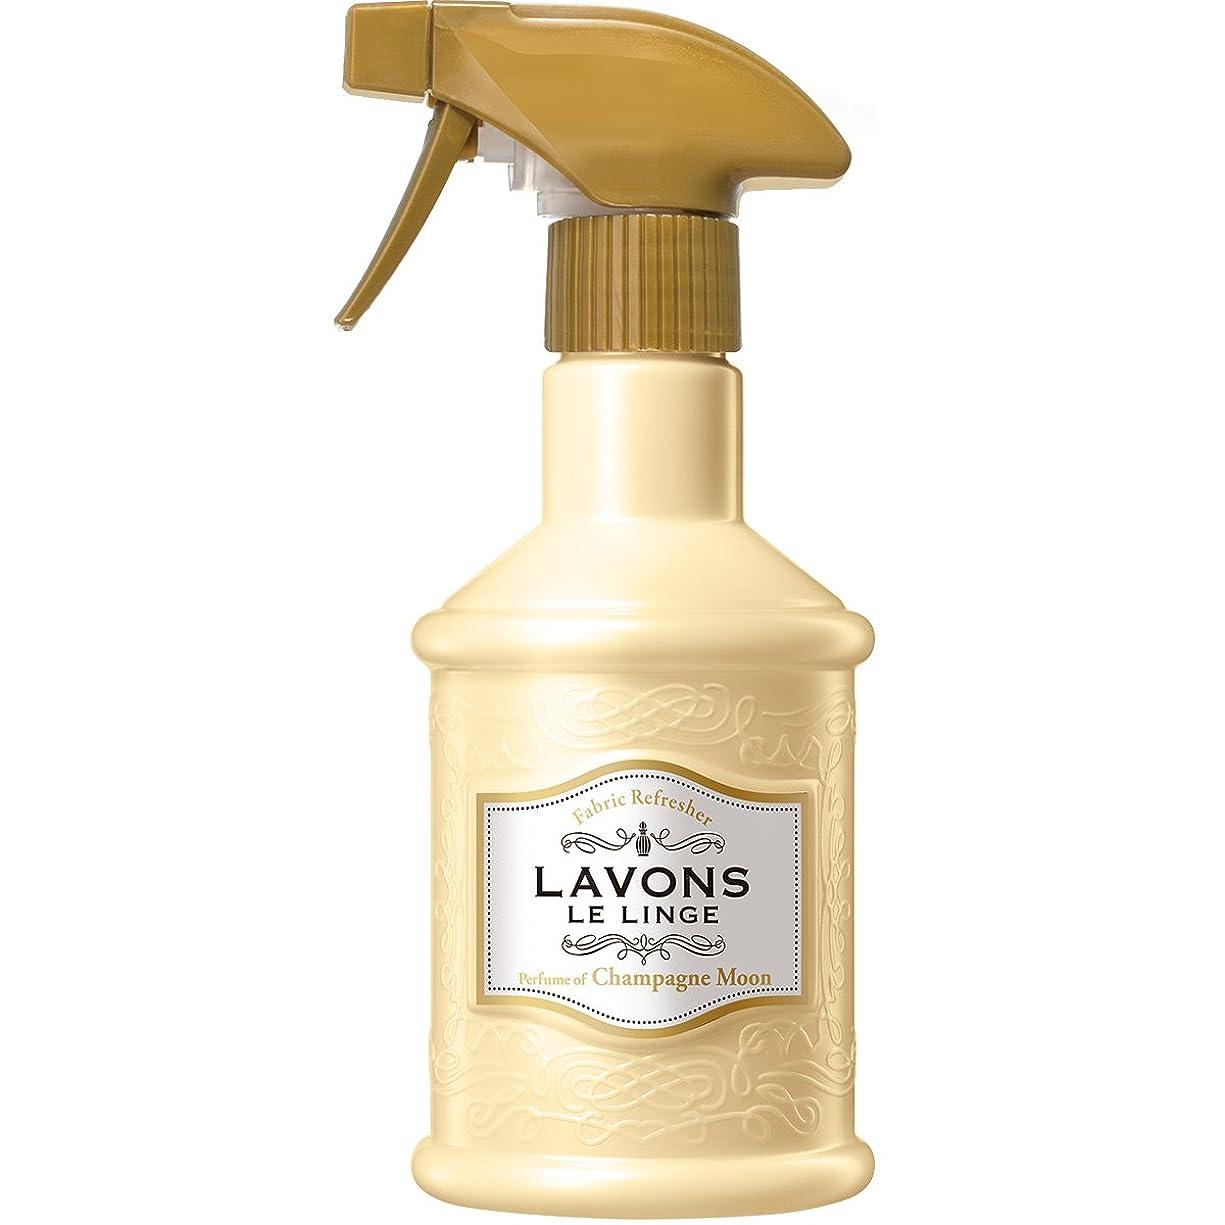 同性愛者斧お世話になったラボン ファブリックミスト シャンパンムーンの香り 370ml